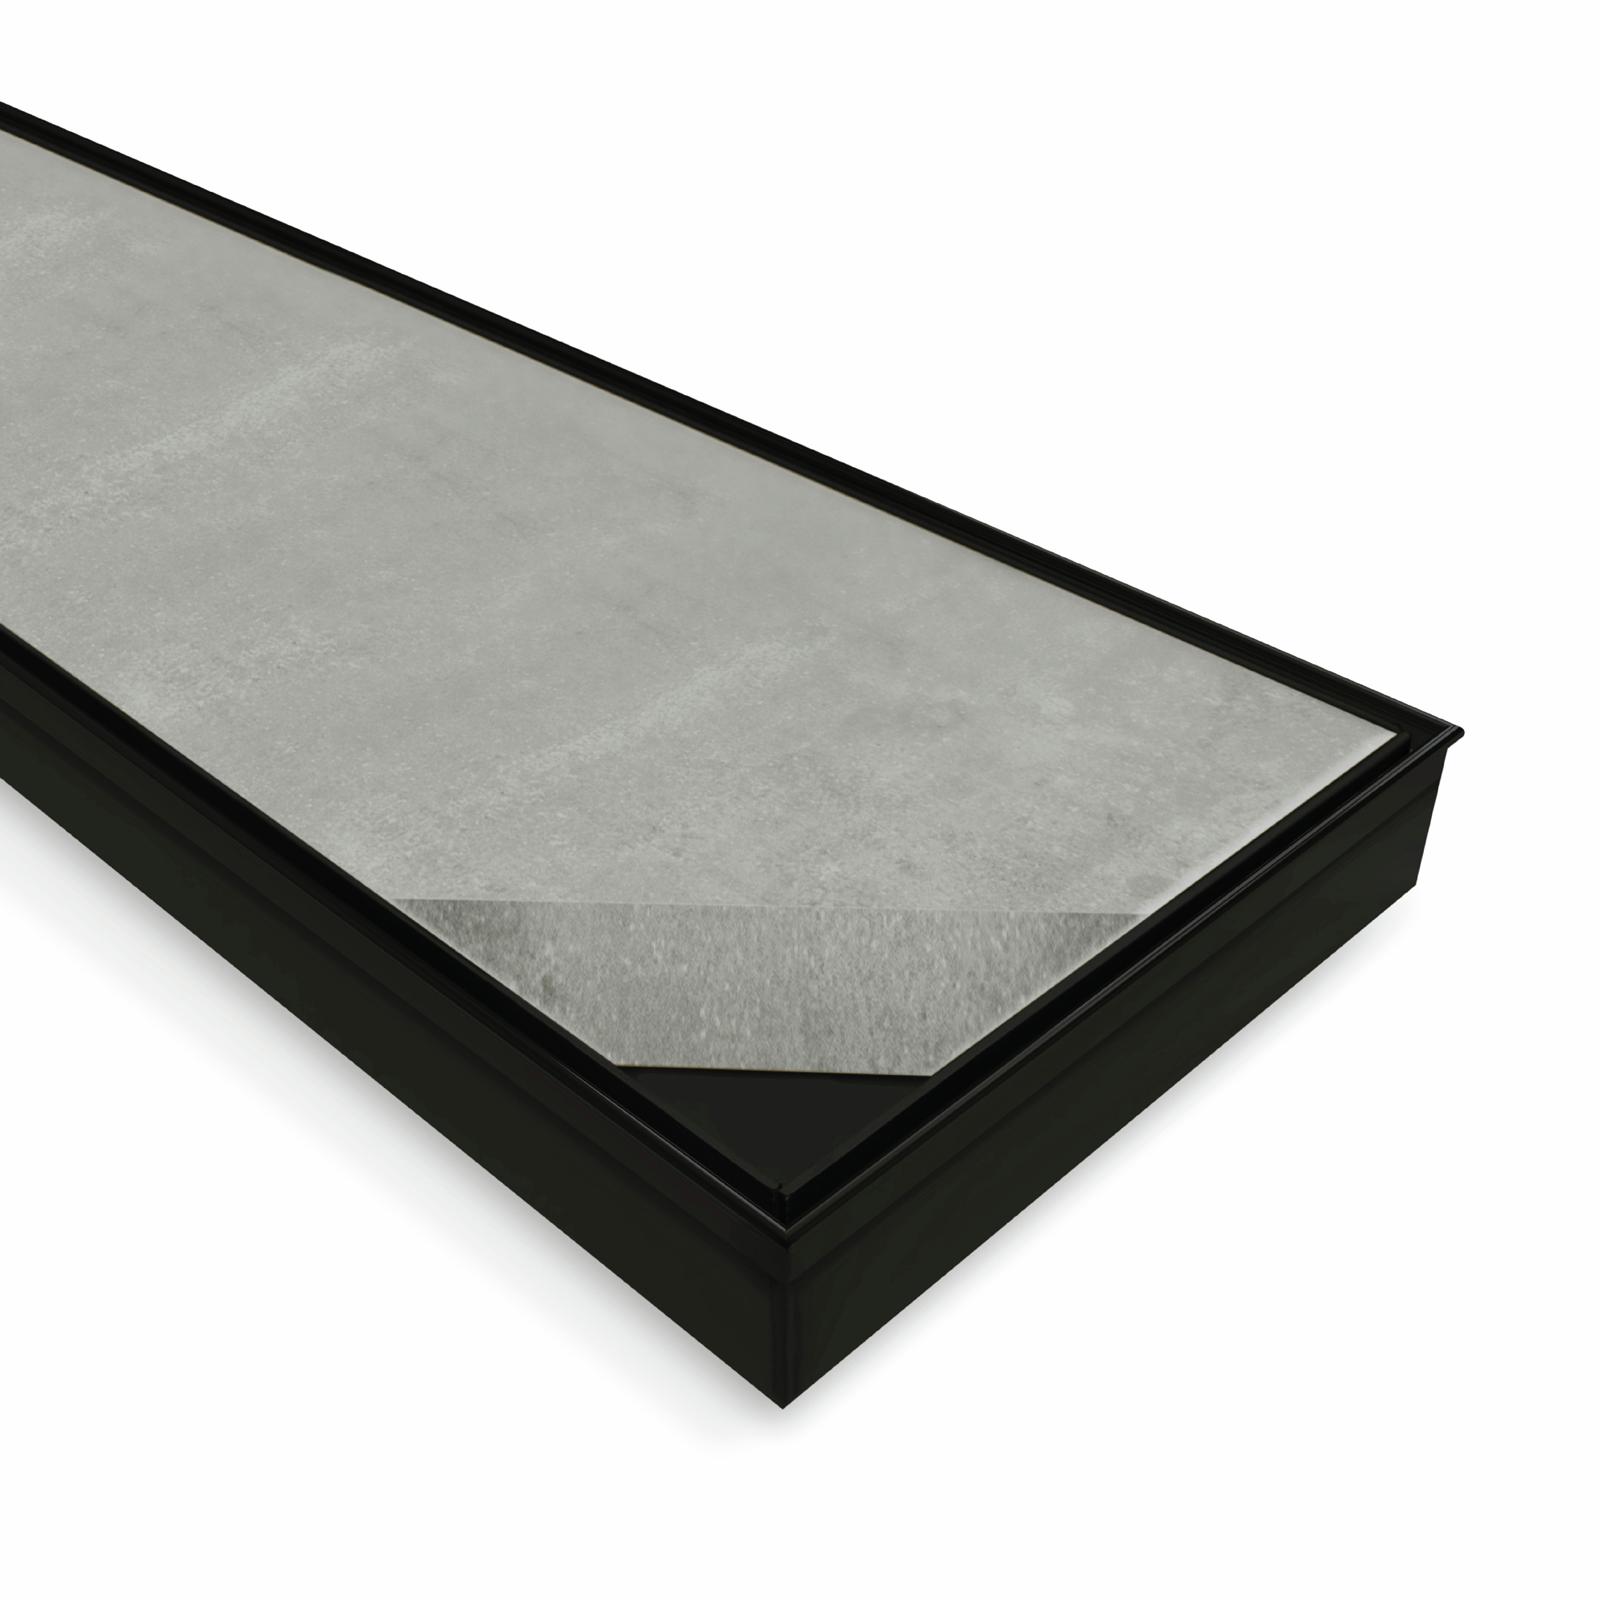 Black Satin Stainless Steel – Tile Insert 800×100 Floor Waste